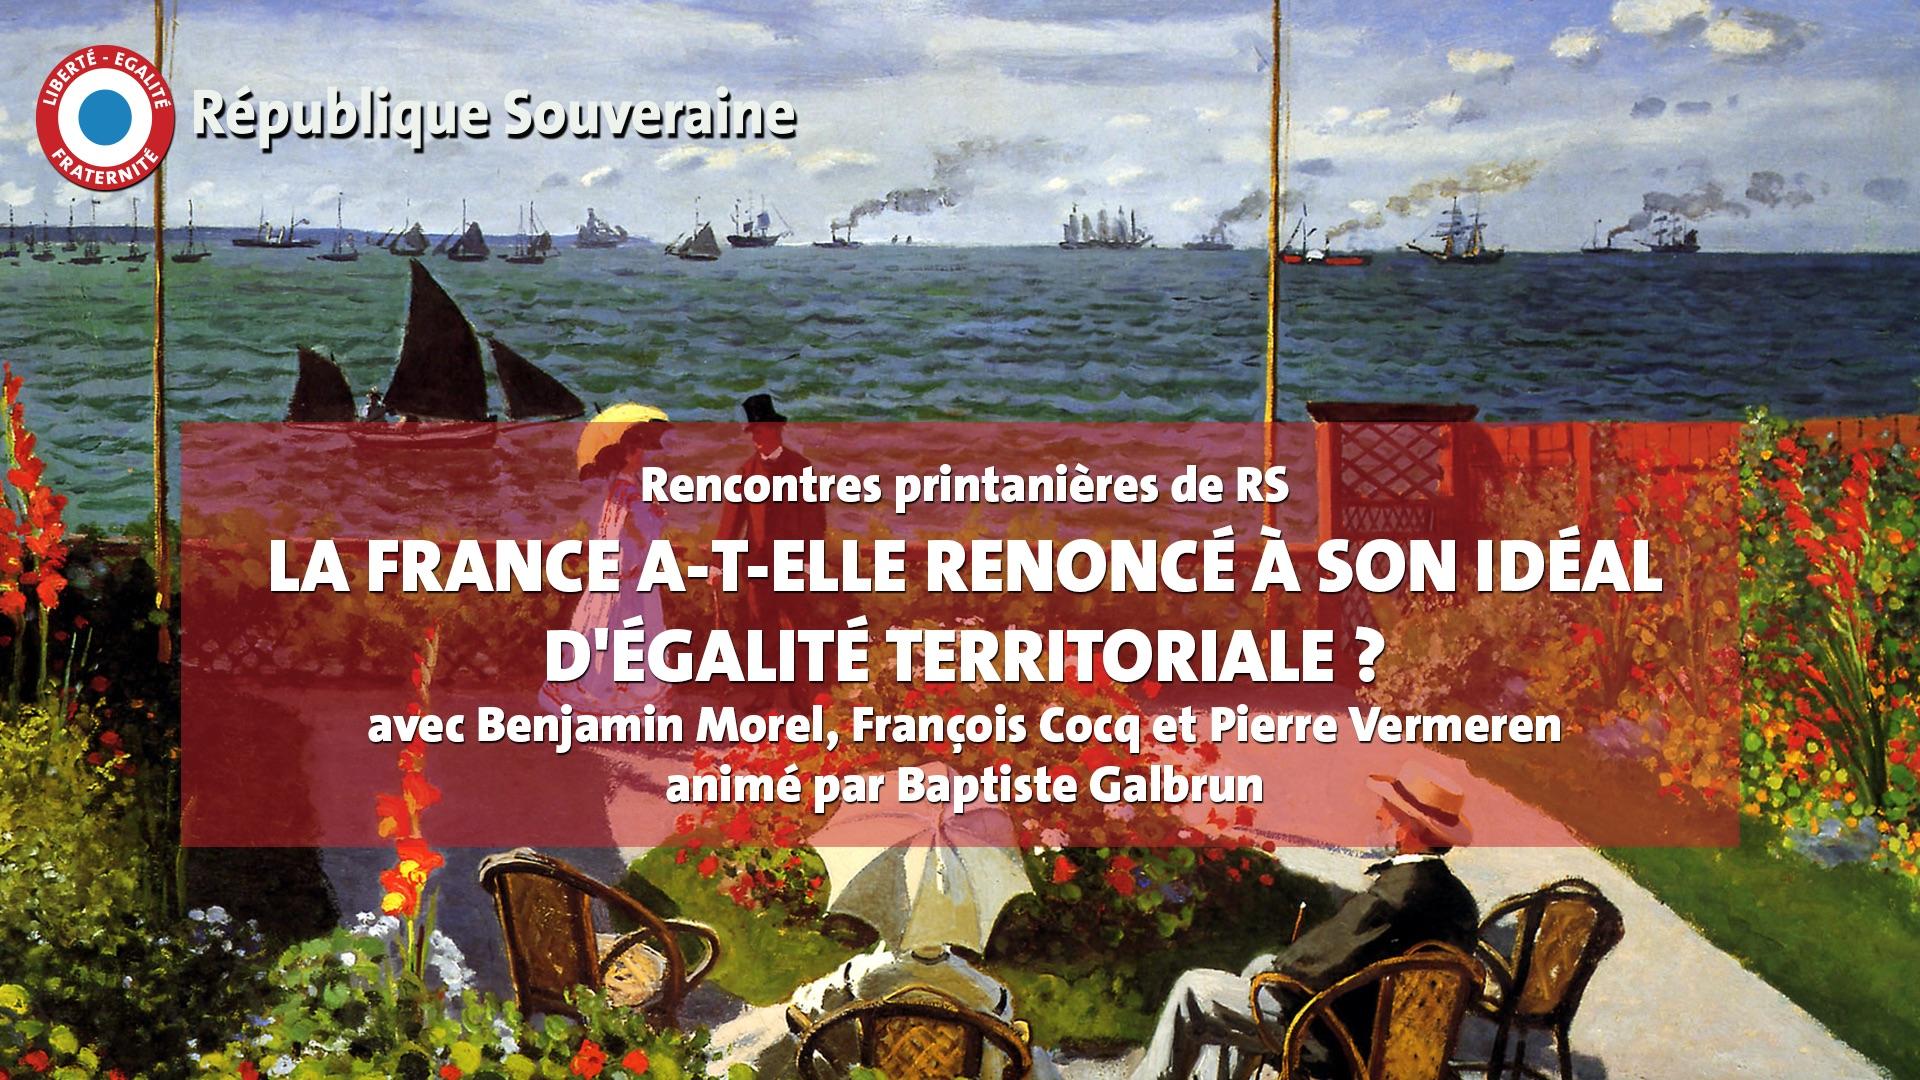 https://i0.wp.com/www.republique-souveraine.fr/wp-content/uploads/2021/05/loi4D.jpg?fit=1920%2C1080&ssl=1